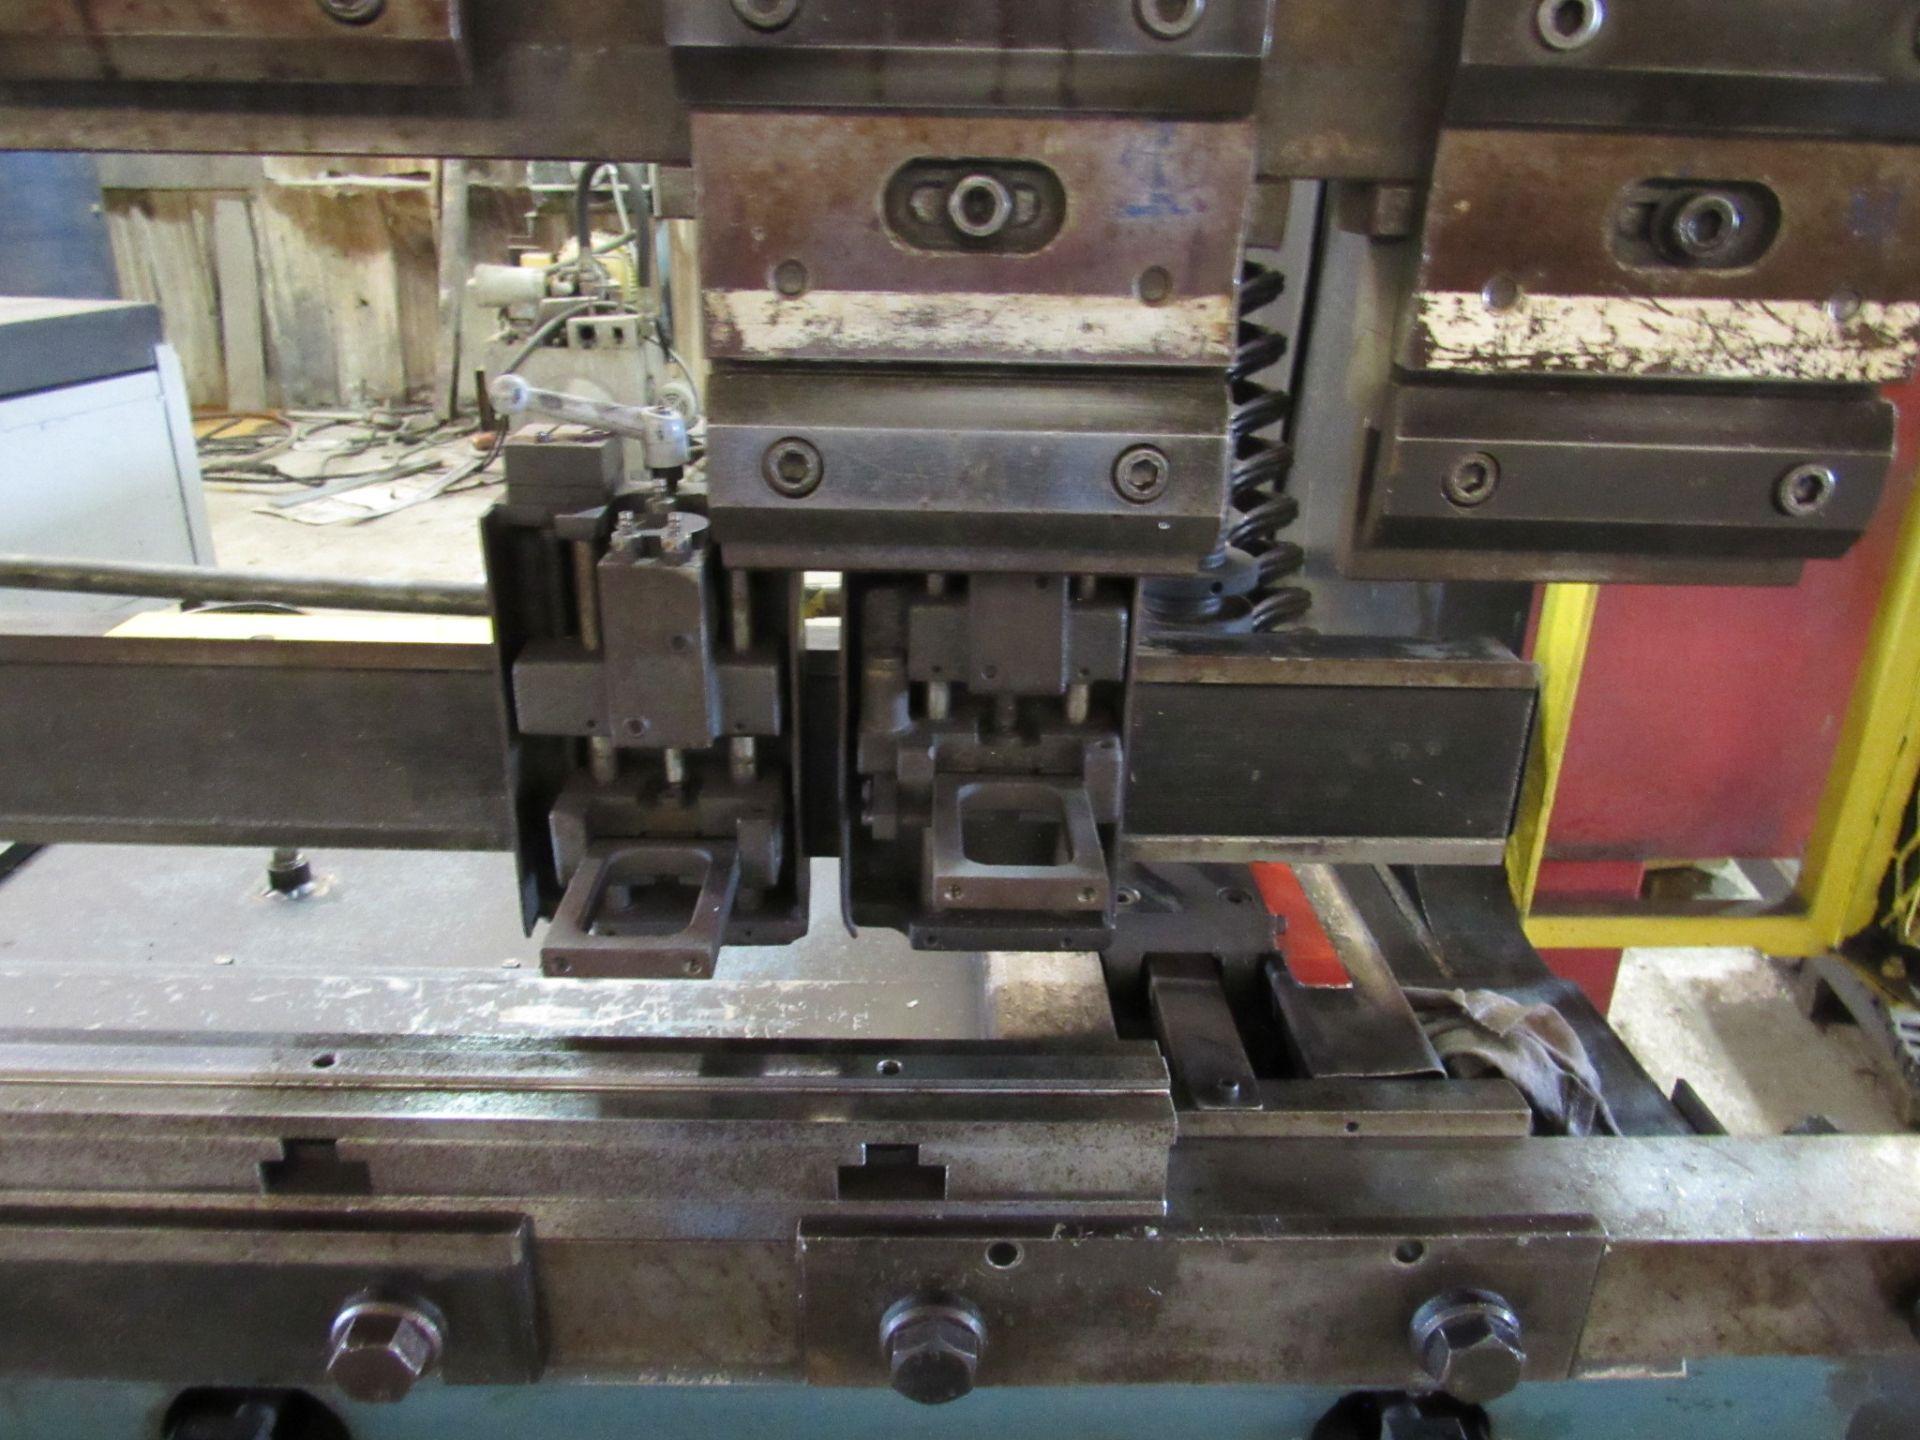 Amada 80 Ton RG 80 Press Brake - Image 4 of 7